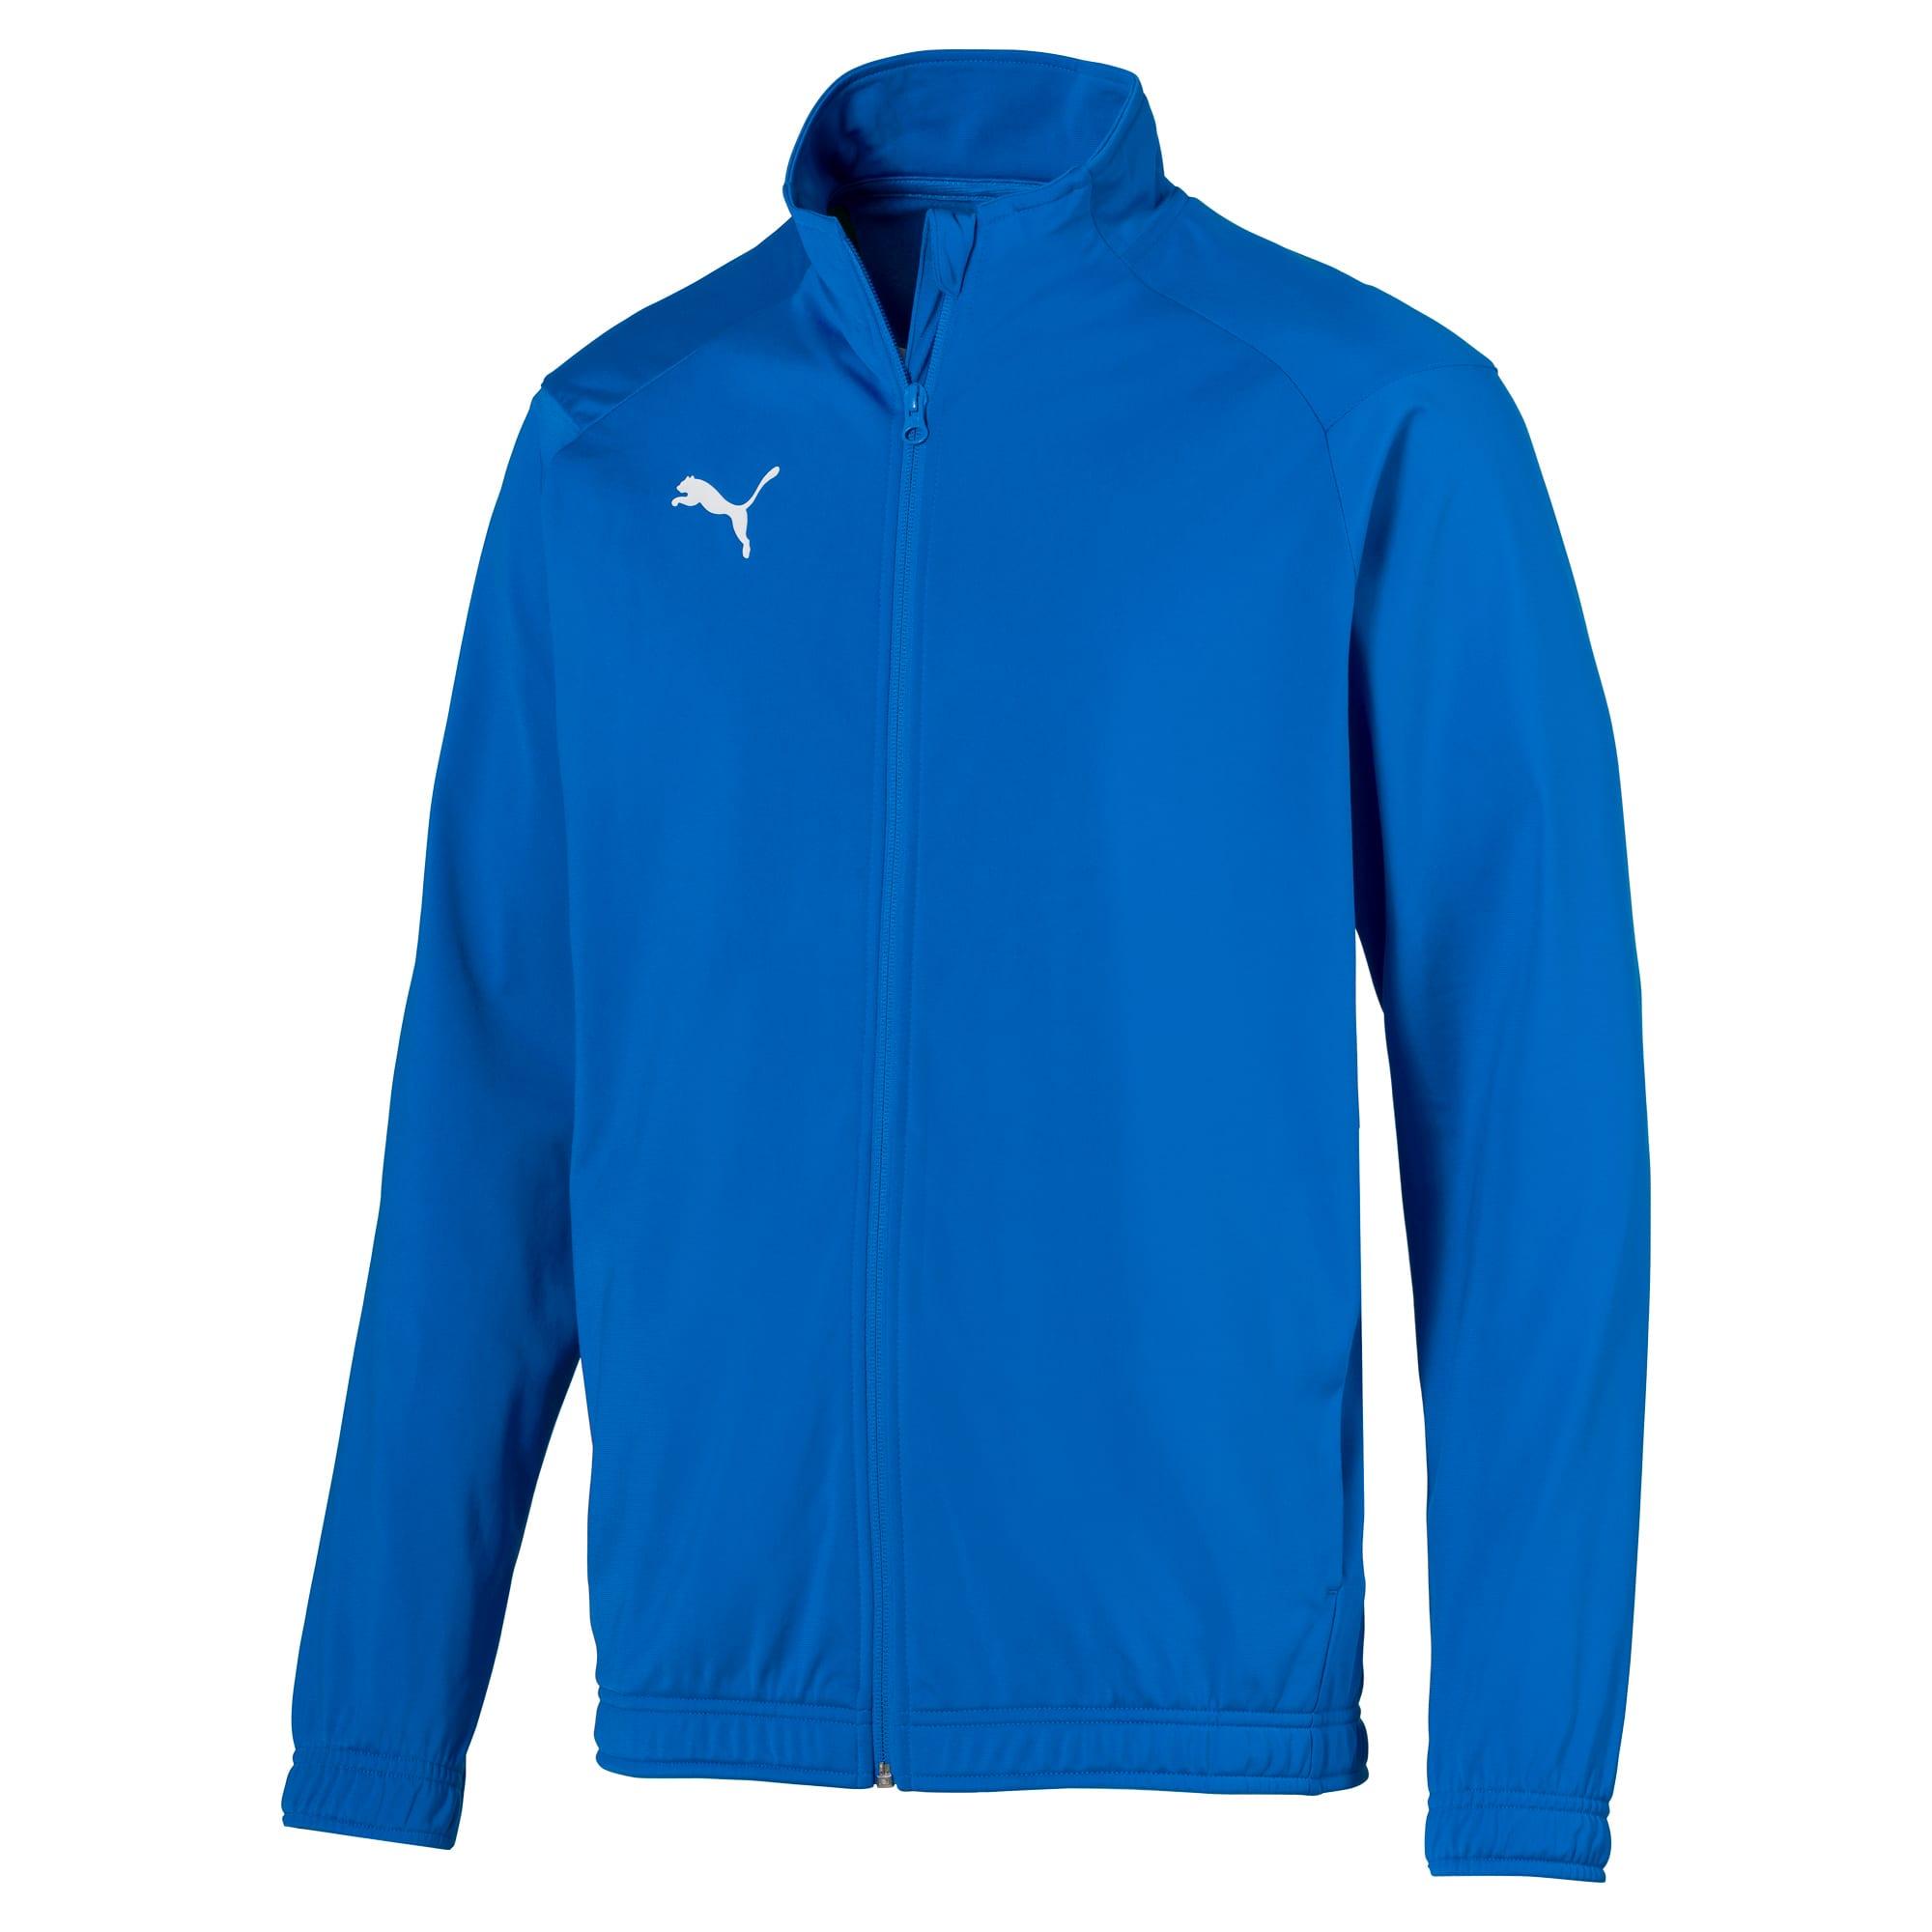 blouson de football liga sideline poly core pour homme, bleu, taille s, vêtements